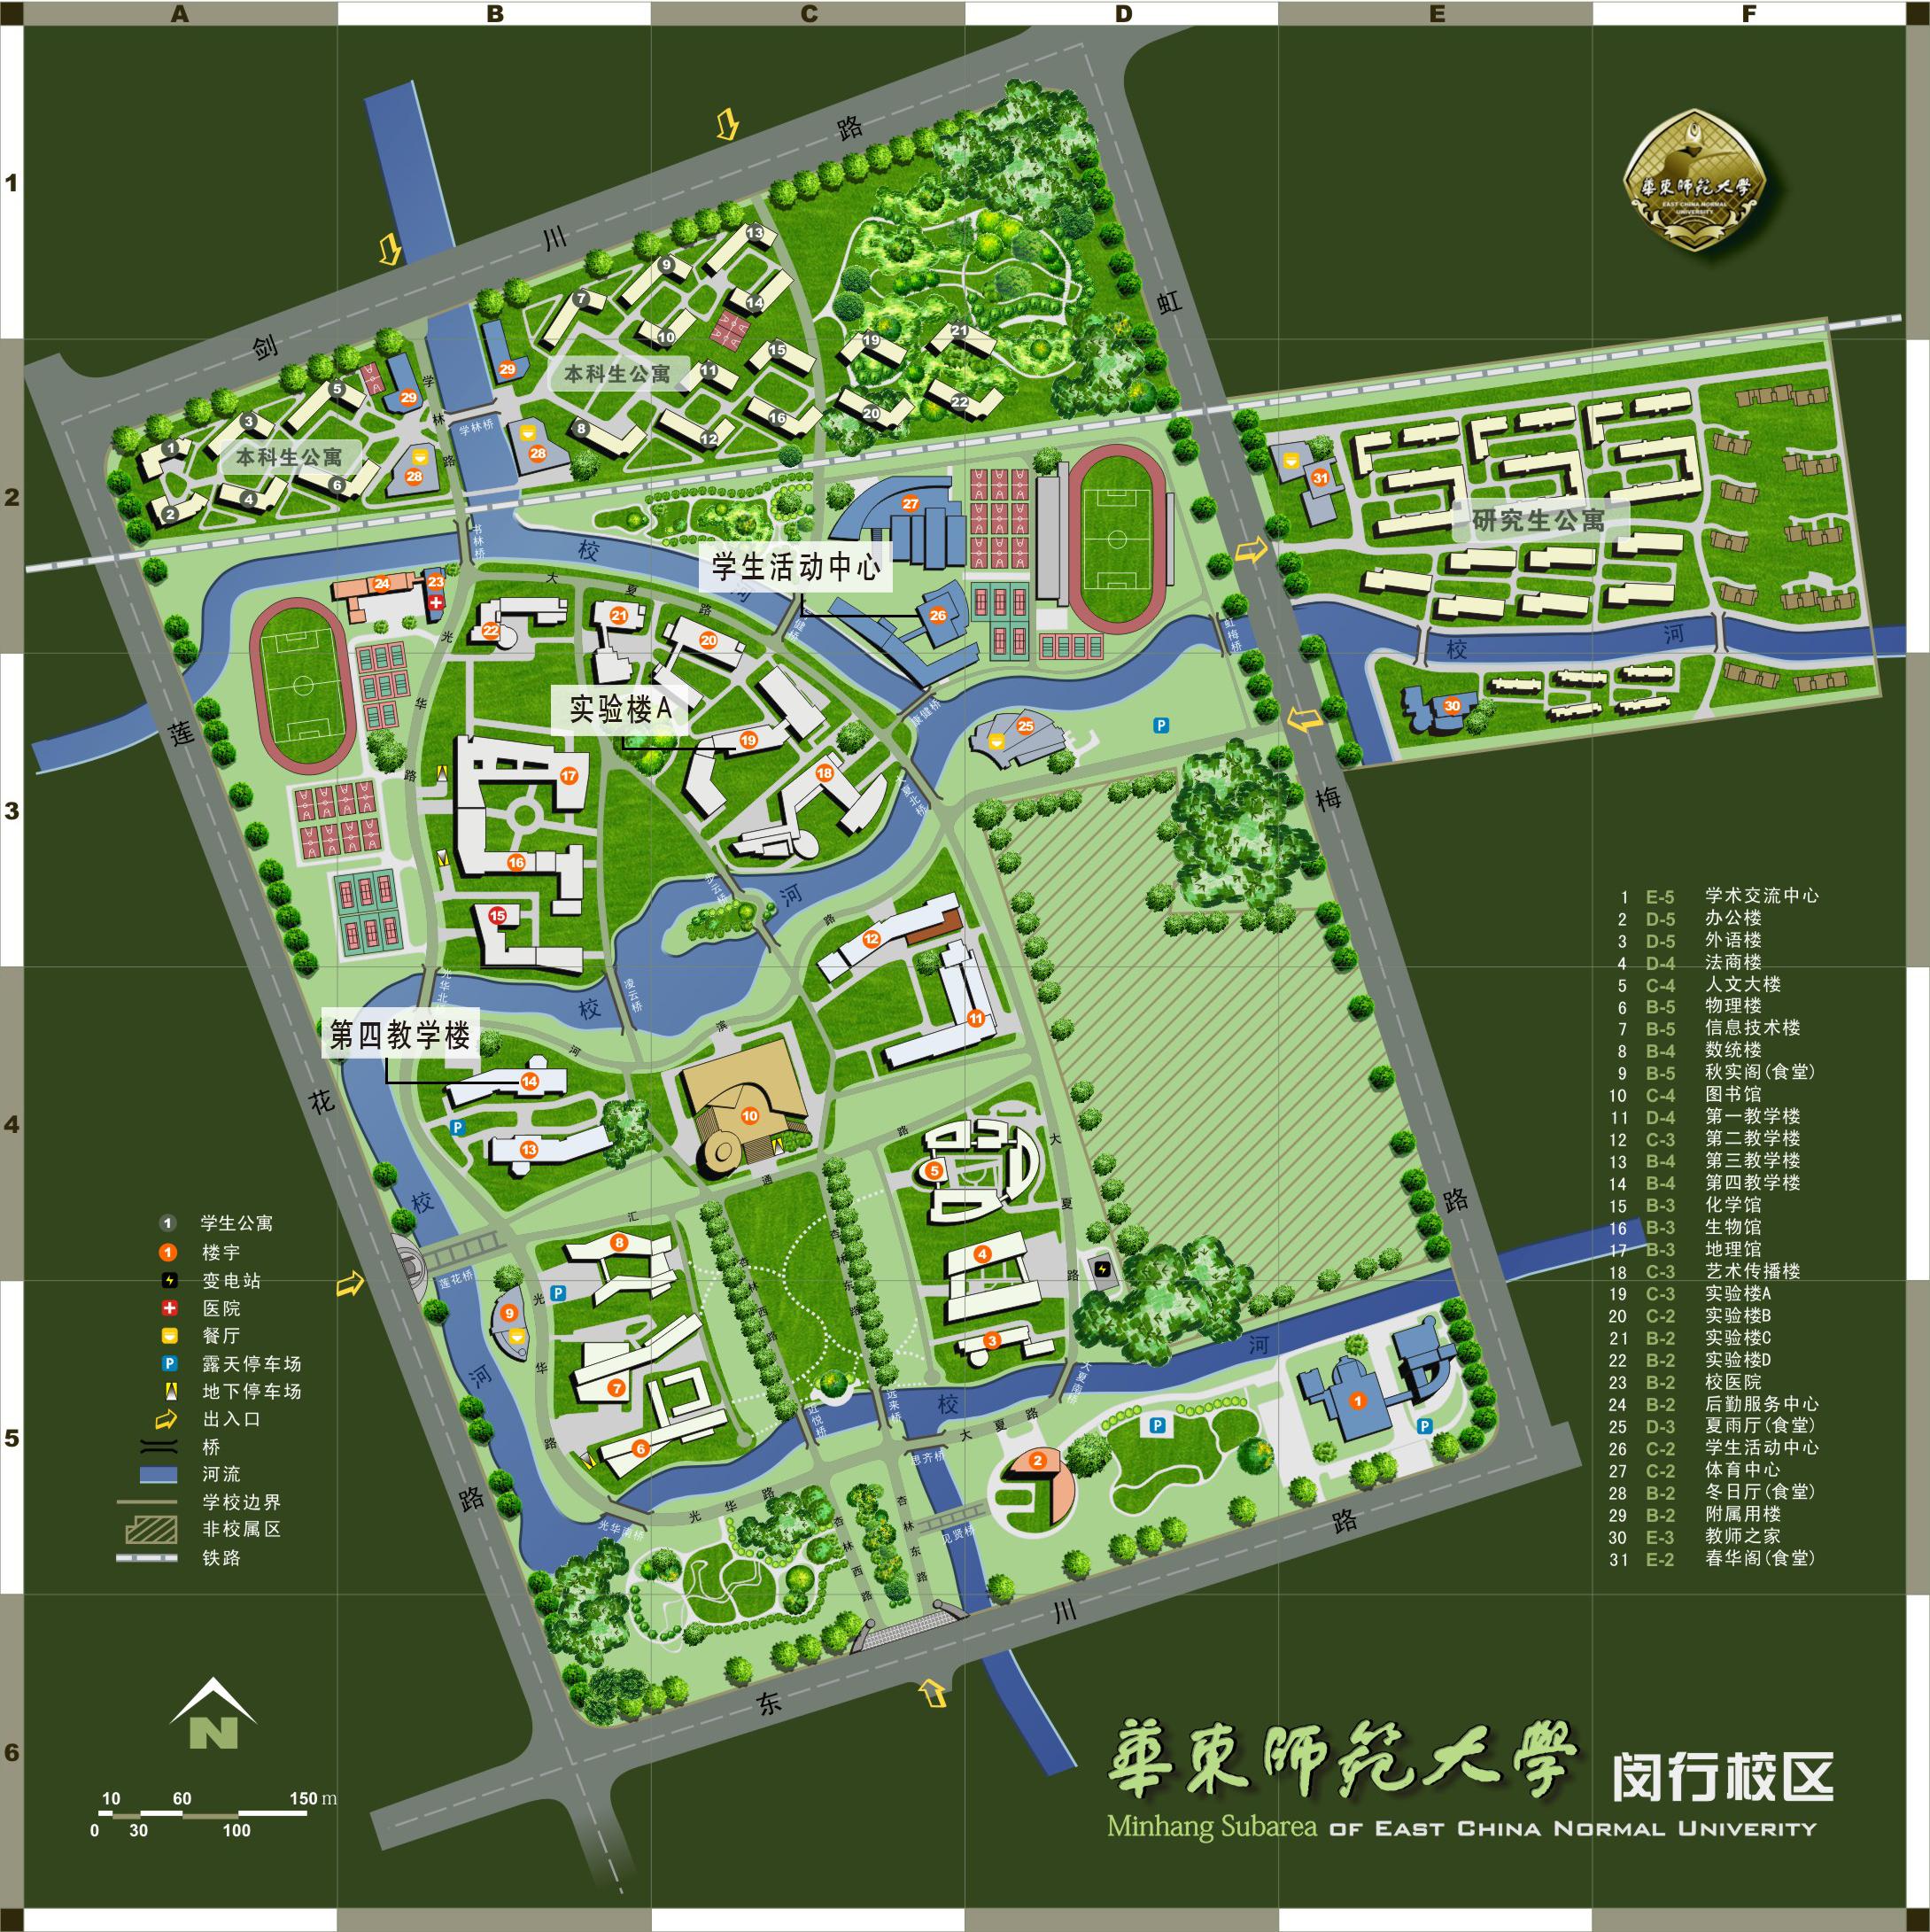 附件三:华东师范大学闵行校区平面图.jpg